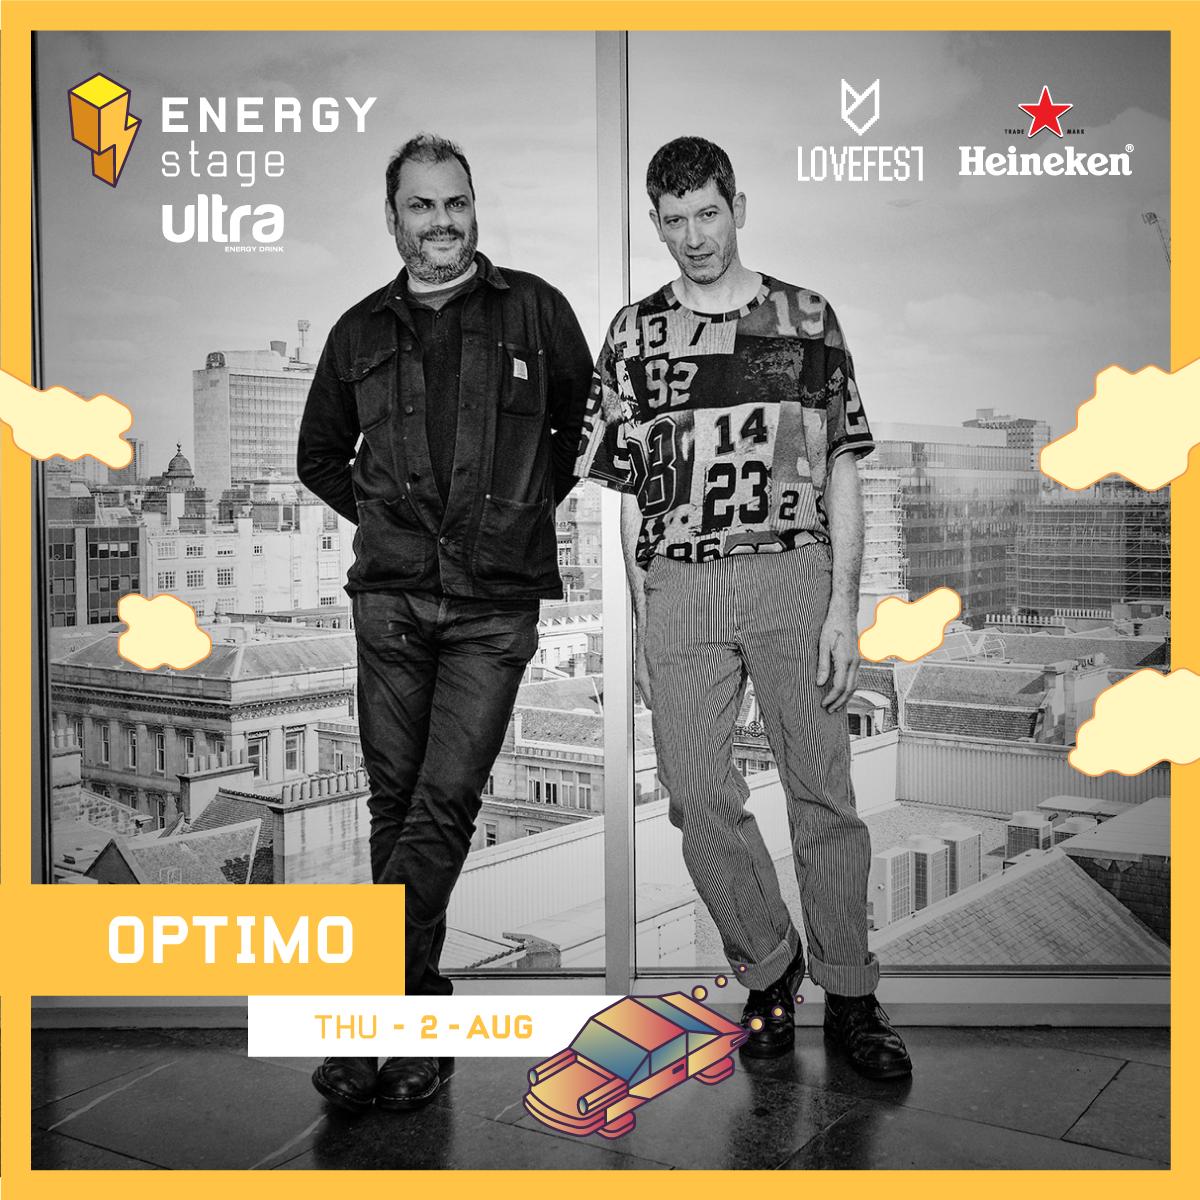 OPTIMO 1 Lovefest: Najveća andergraund imena na Ultra Energy Stage u